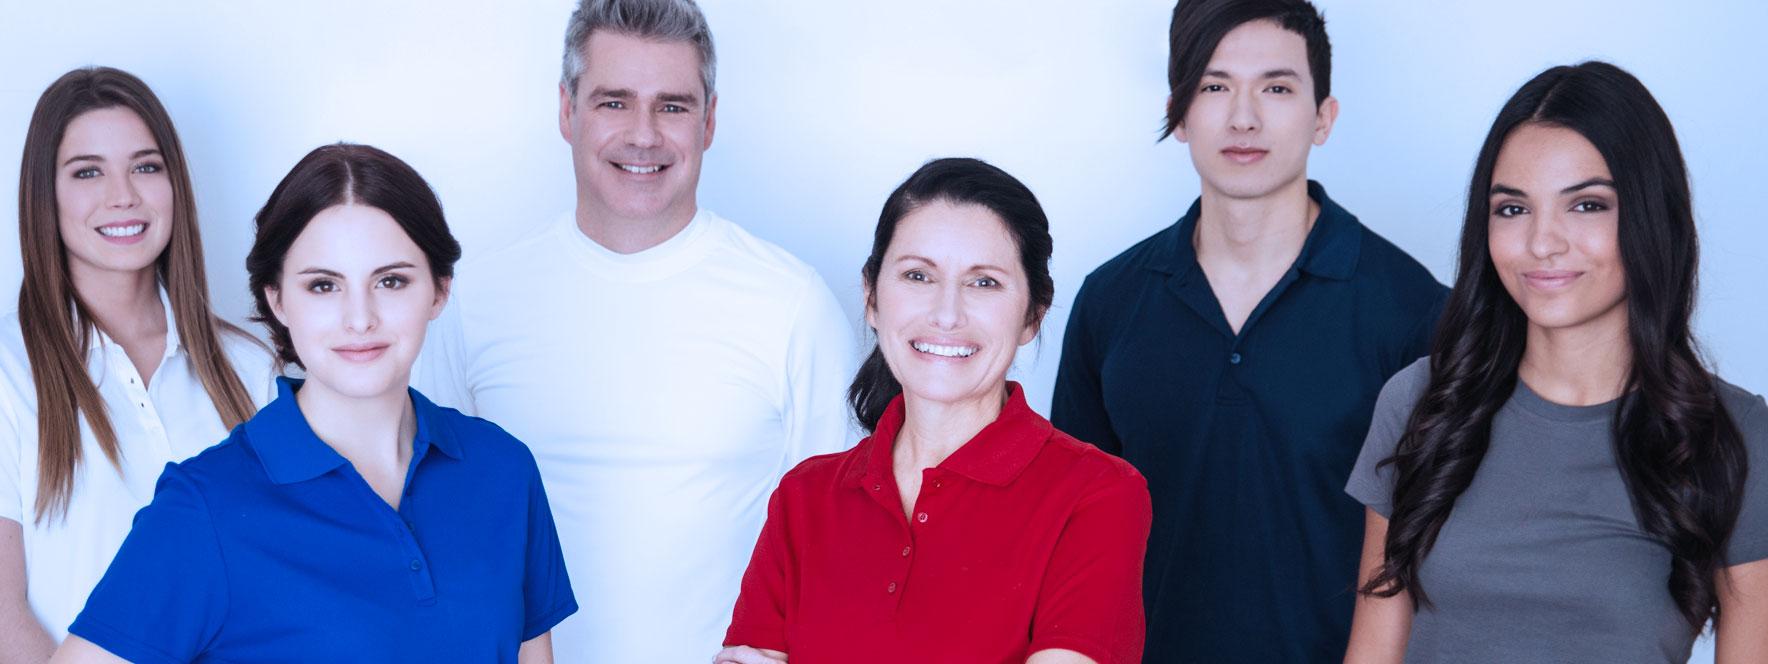 Travailler au sein d'une clinique multidisciplinaire | Le Réseau